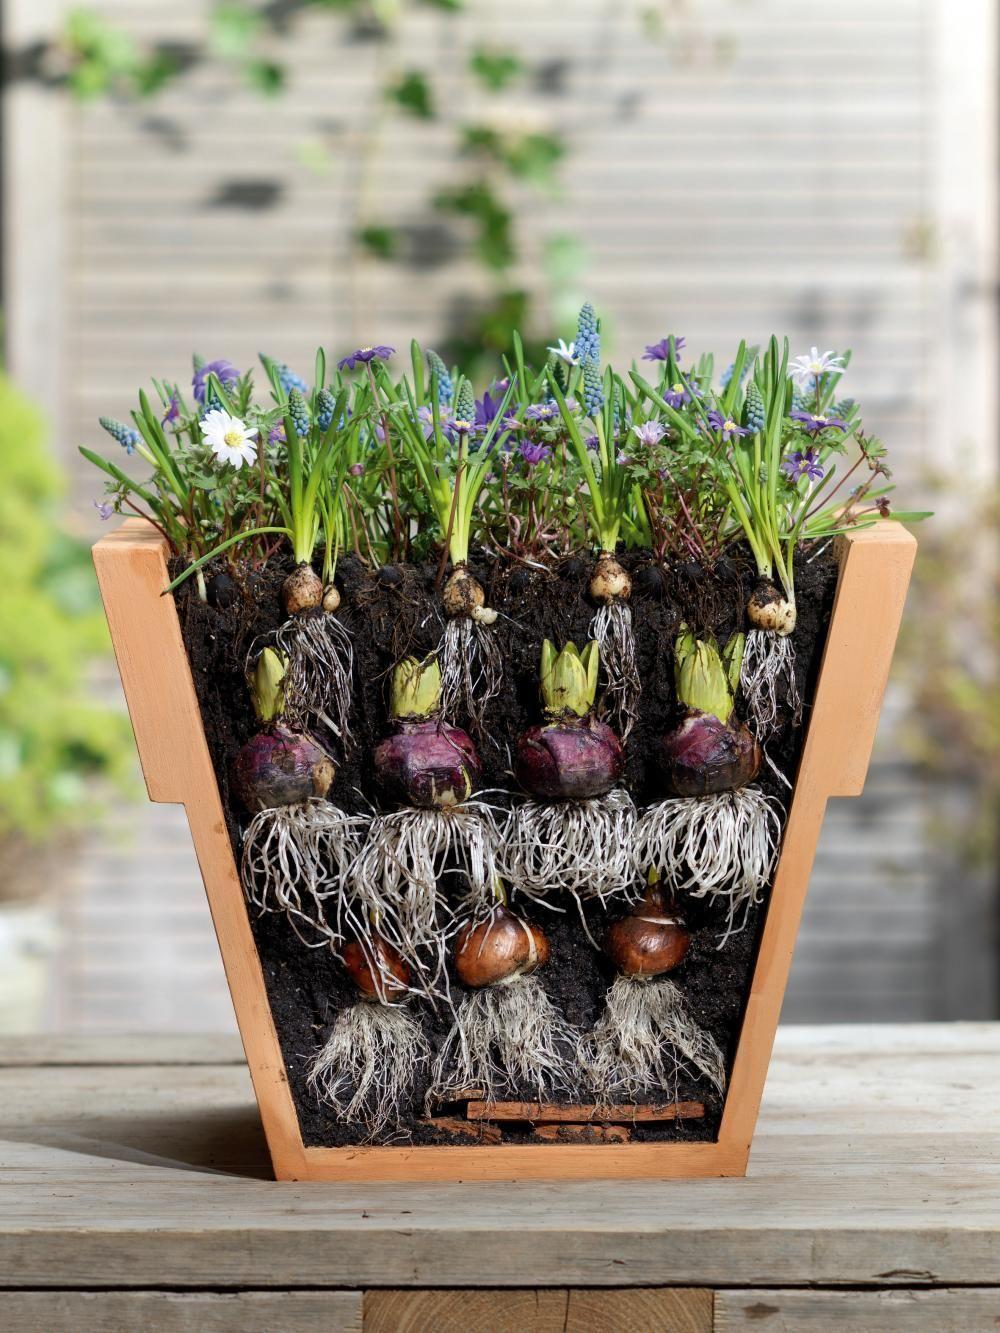 10 Tipps rund um Blumenzwiebelnblumenzwiebeln rund